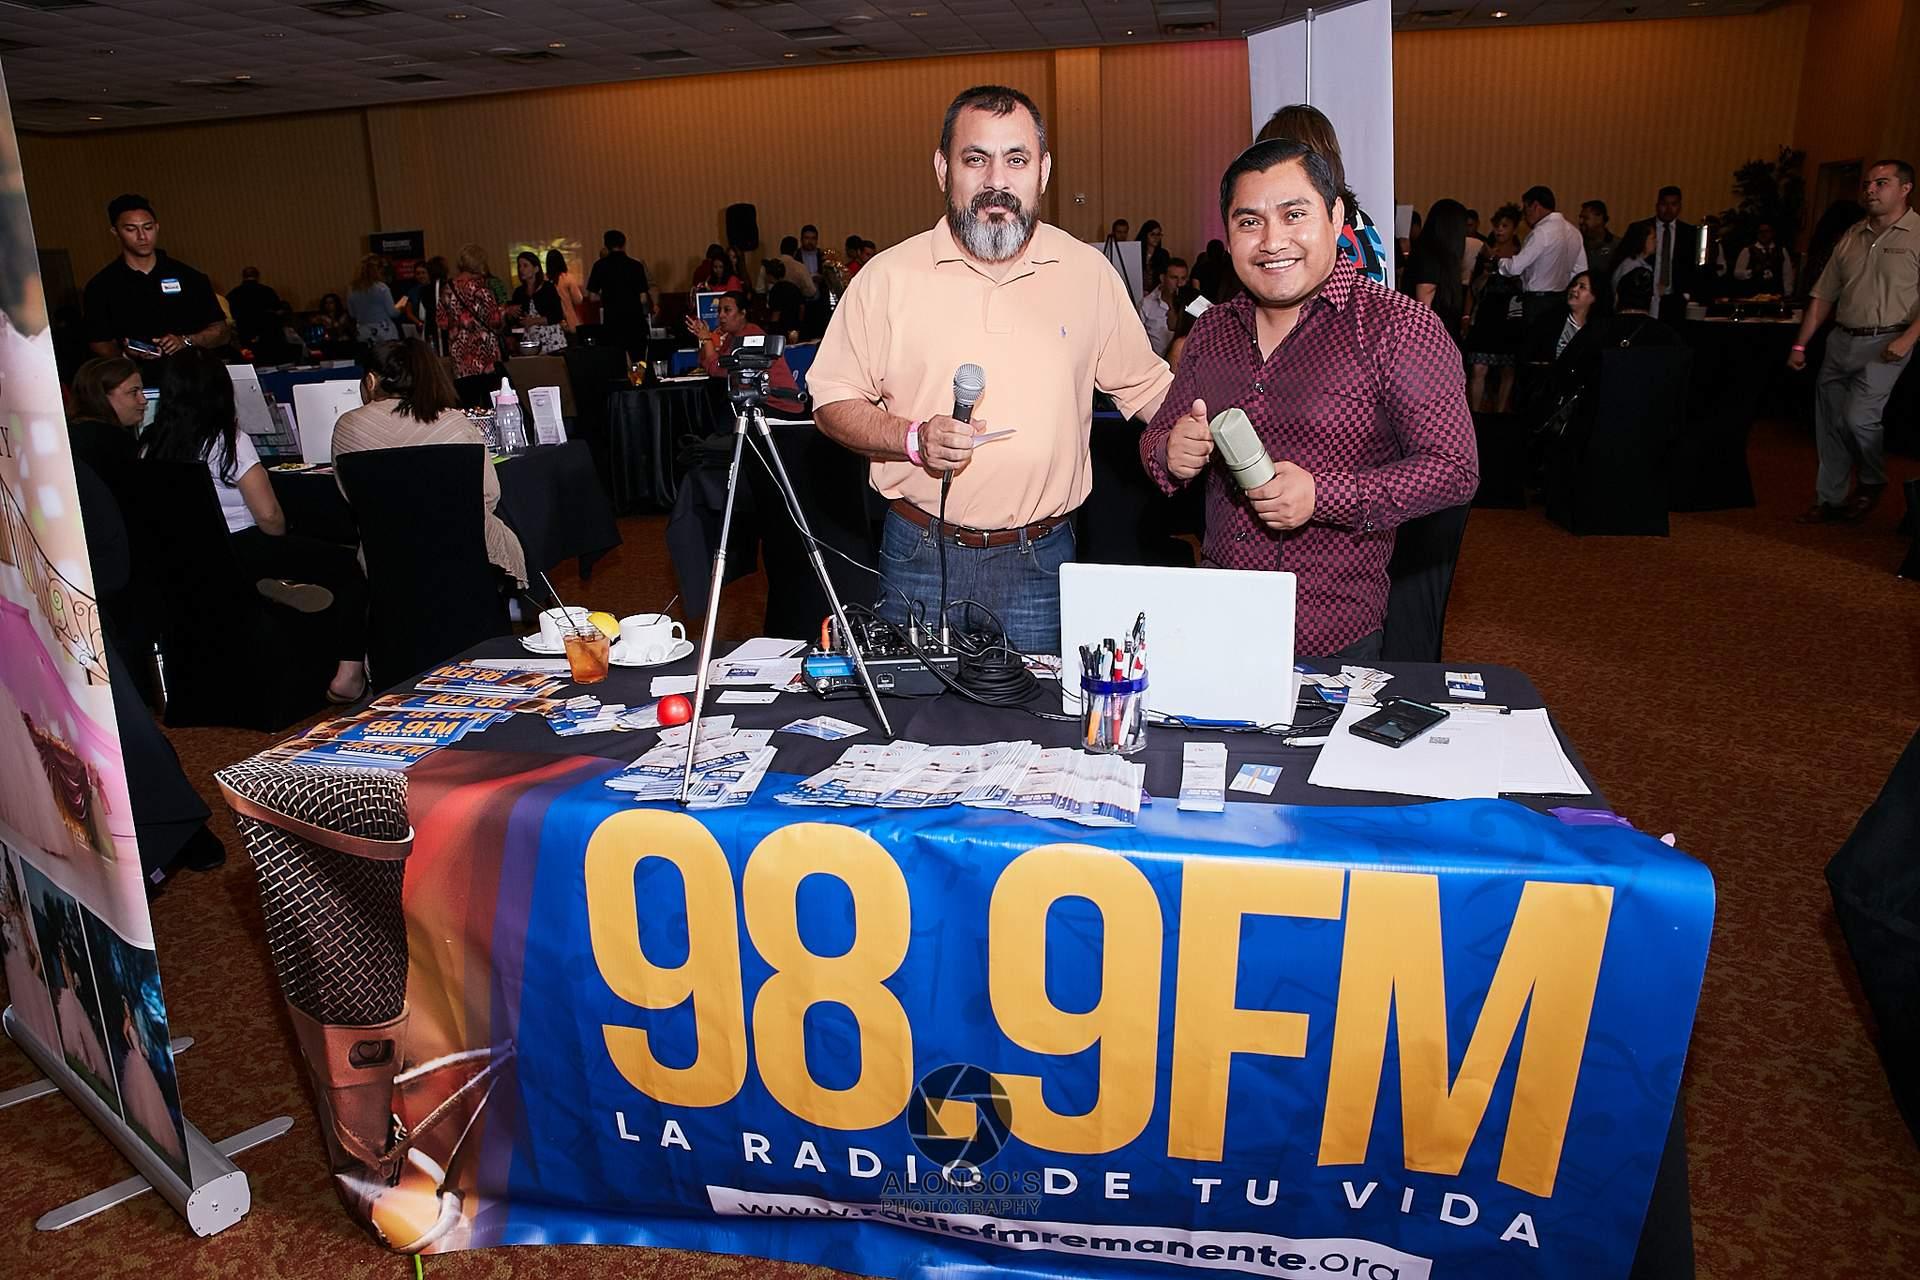 mixer latino 2019 is coming